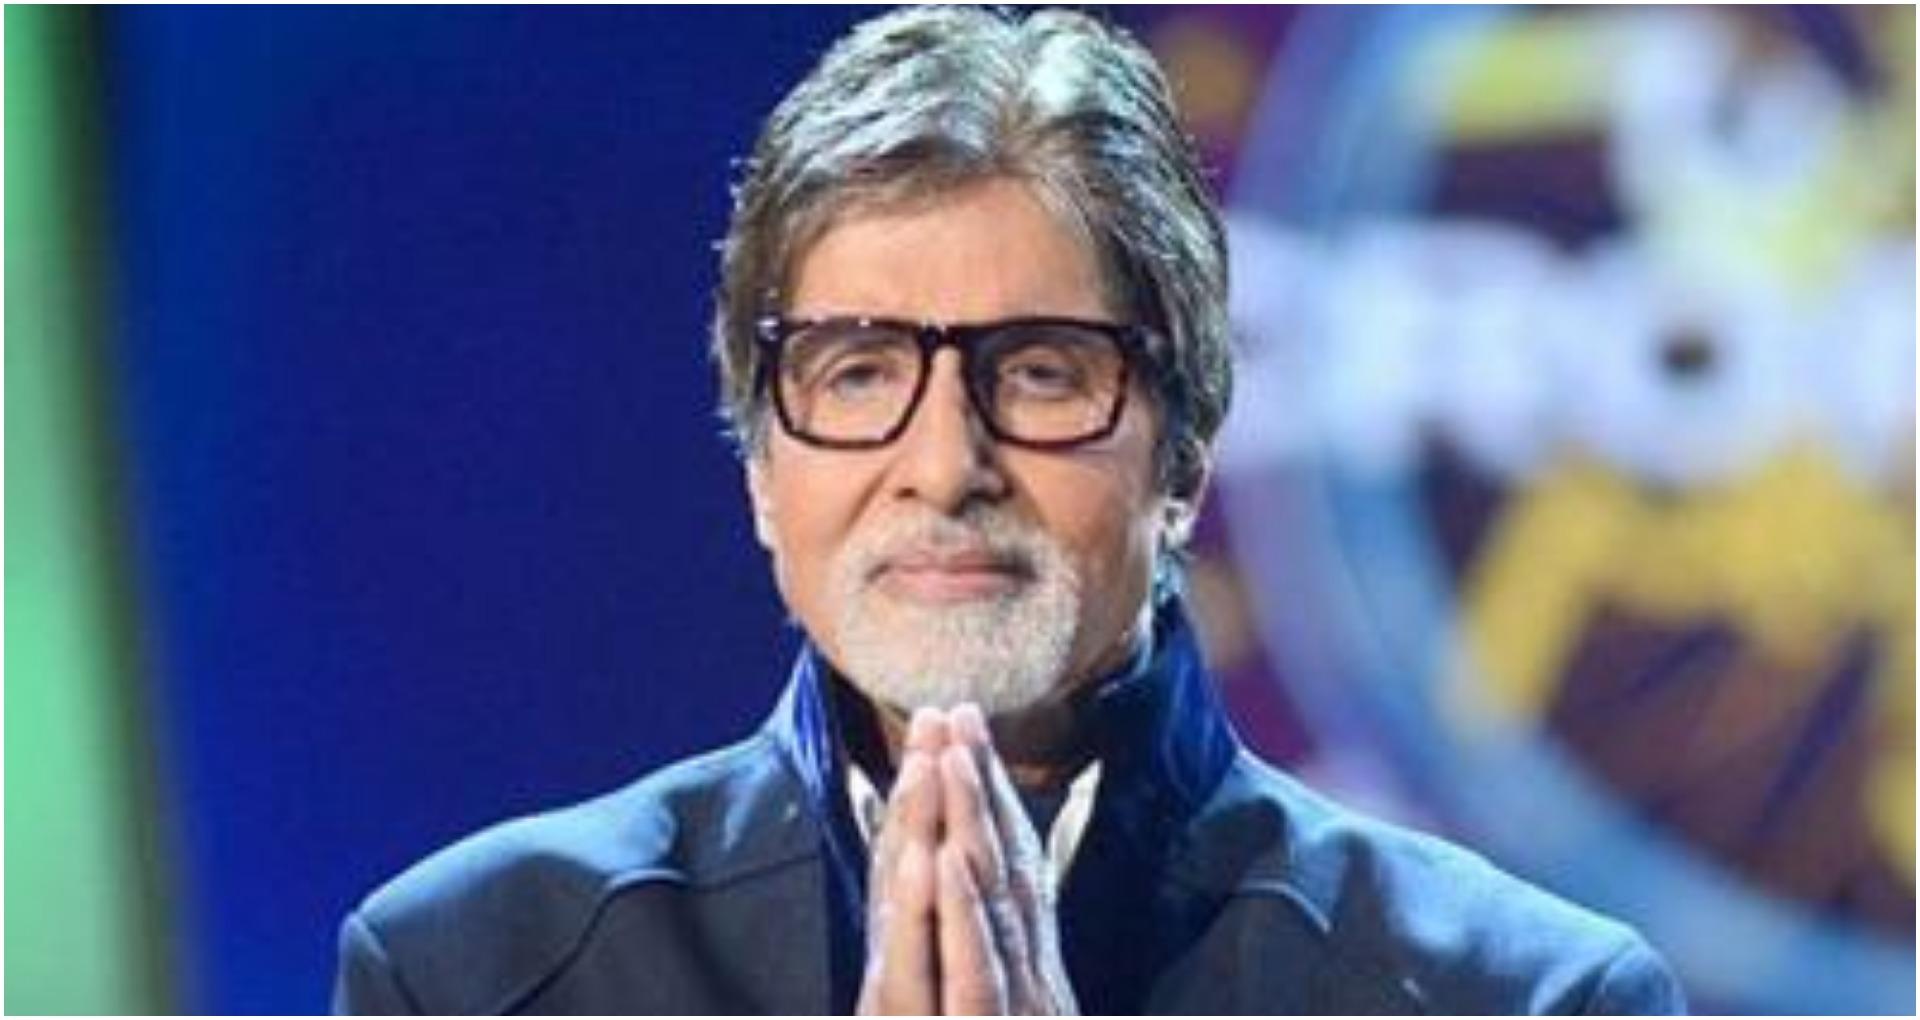 कोरोना से लड़ने के लिए अमिताभ बच्चन ने बढ़ाया हाथ, करेंगे 1 लाख मजदूरों की मदद, पढ़ें पूरी रिपोर्ट